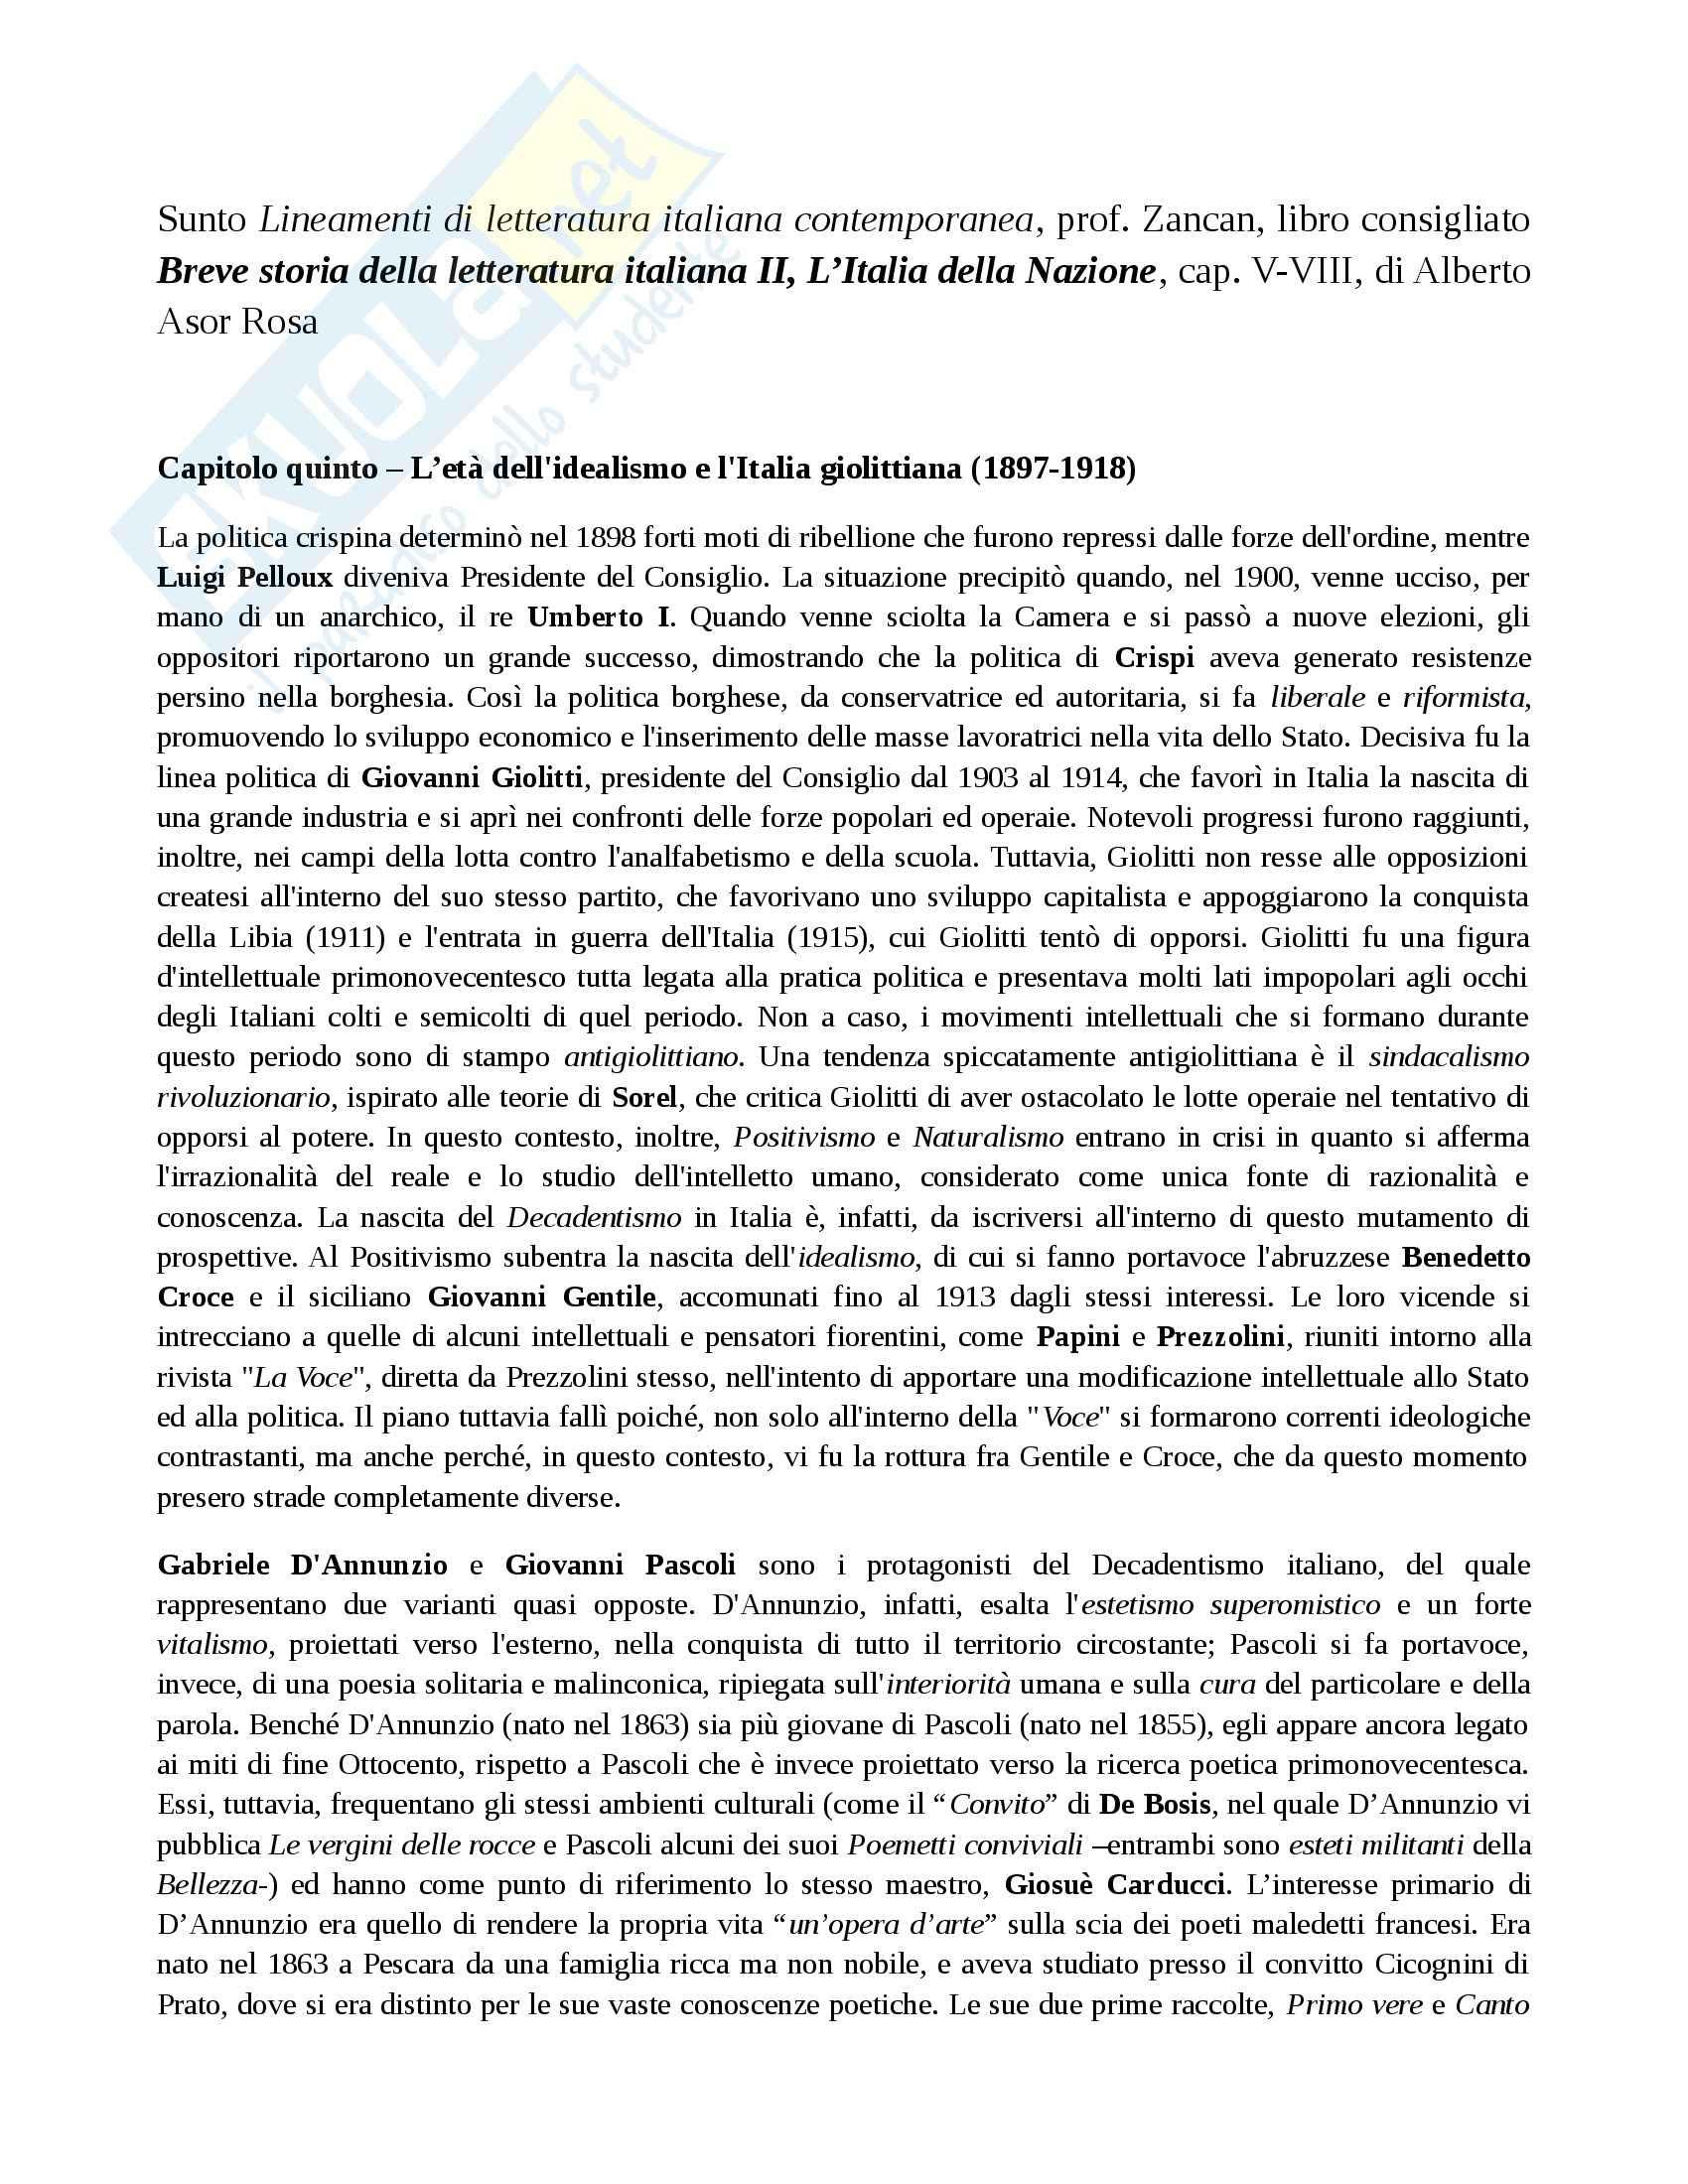 Riassunto esame Letteratura italiana, prof. Zancan, libro consigliato Breve storia della letteratura italiana II, L'Italia della Nazione, Asor Rosa